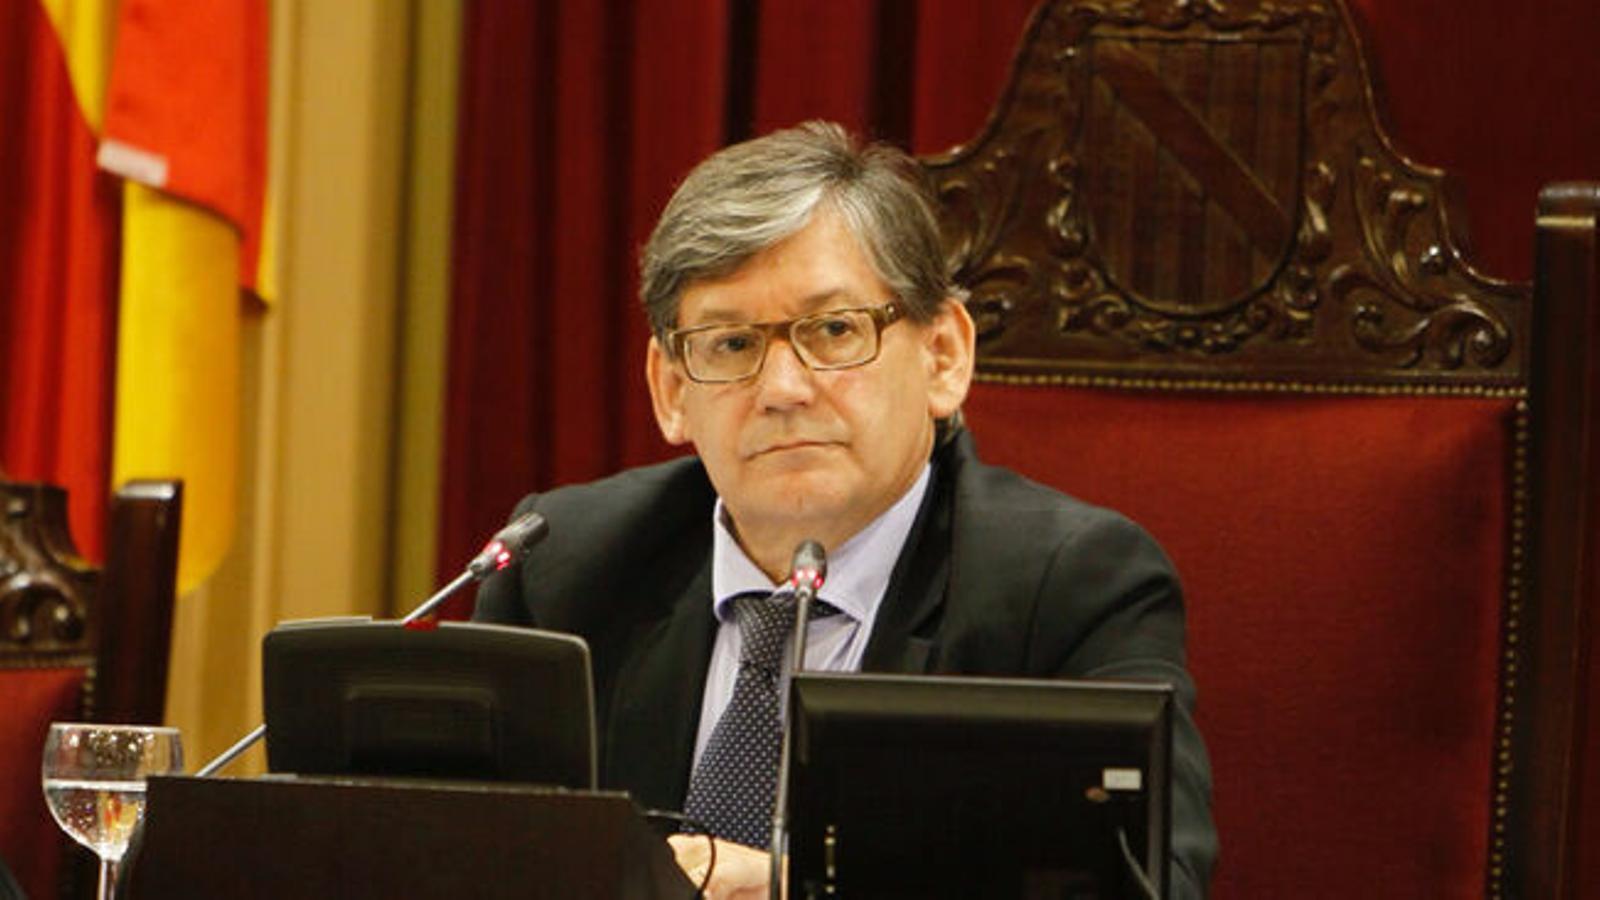 El president del Parlament, Vicenç Thomàs, en una imatge d'arxiu